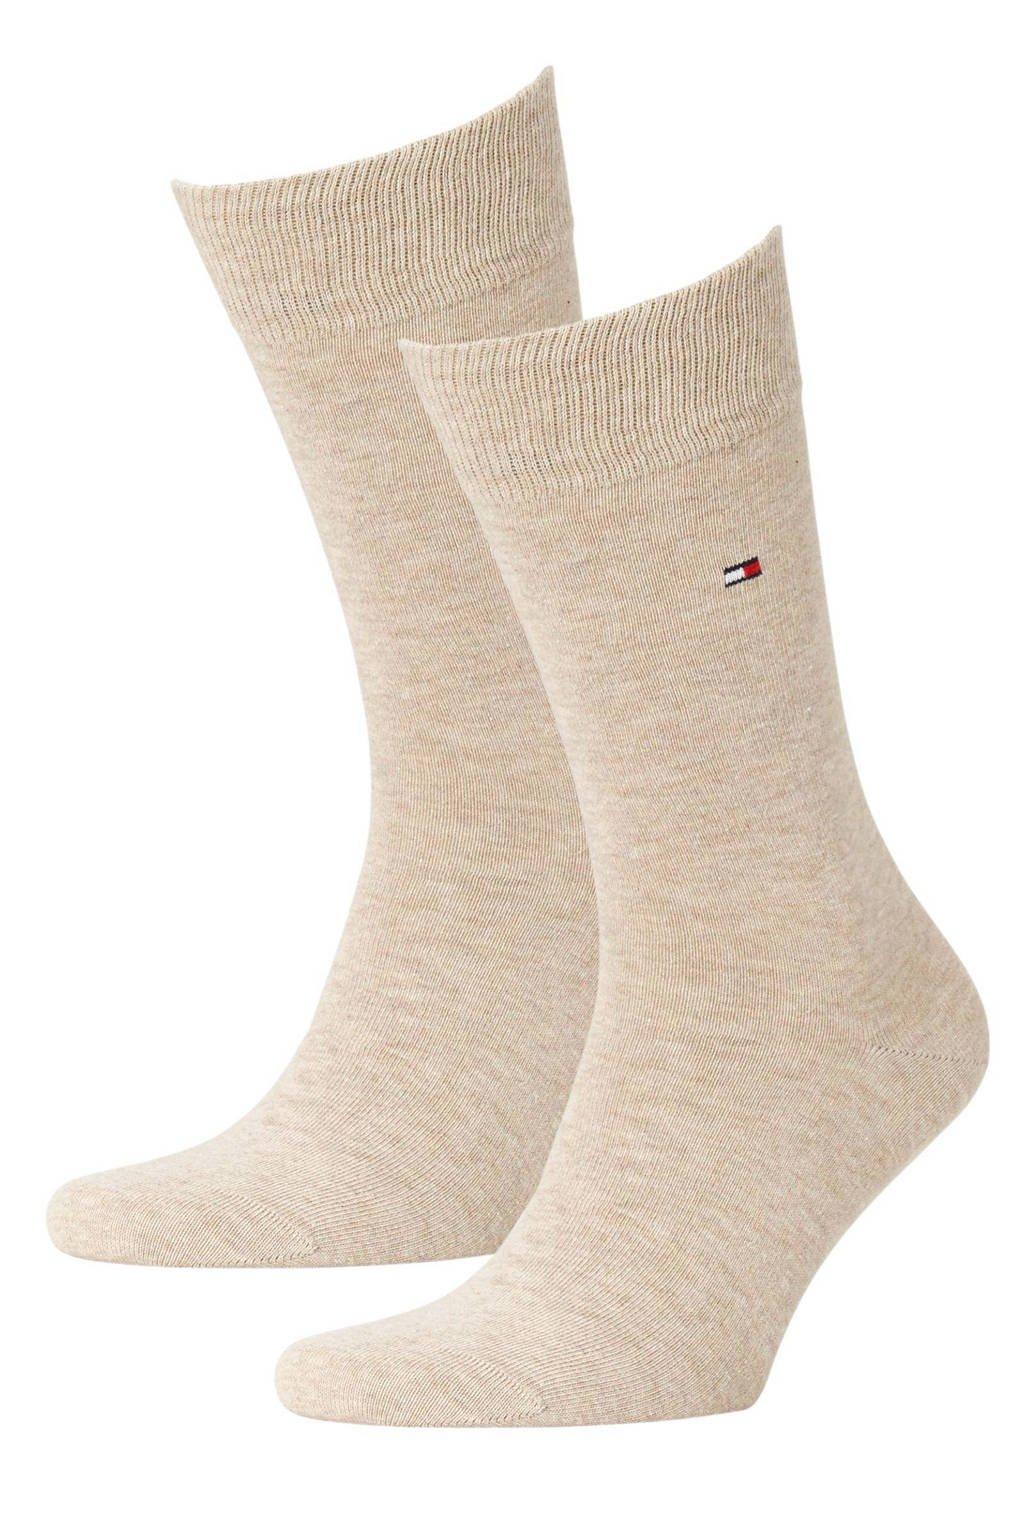 Tommy Hilfiger sokken - set van 2 beige, Beige